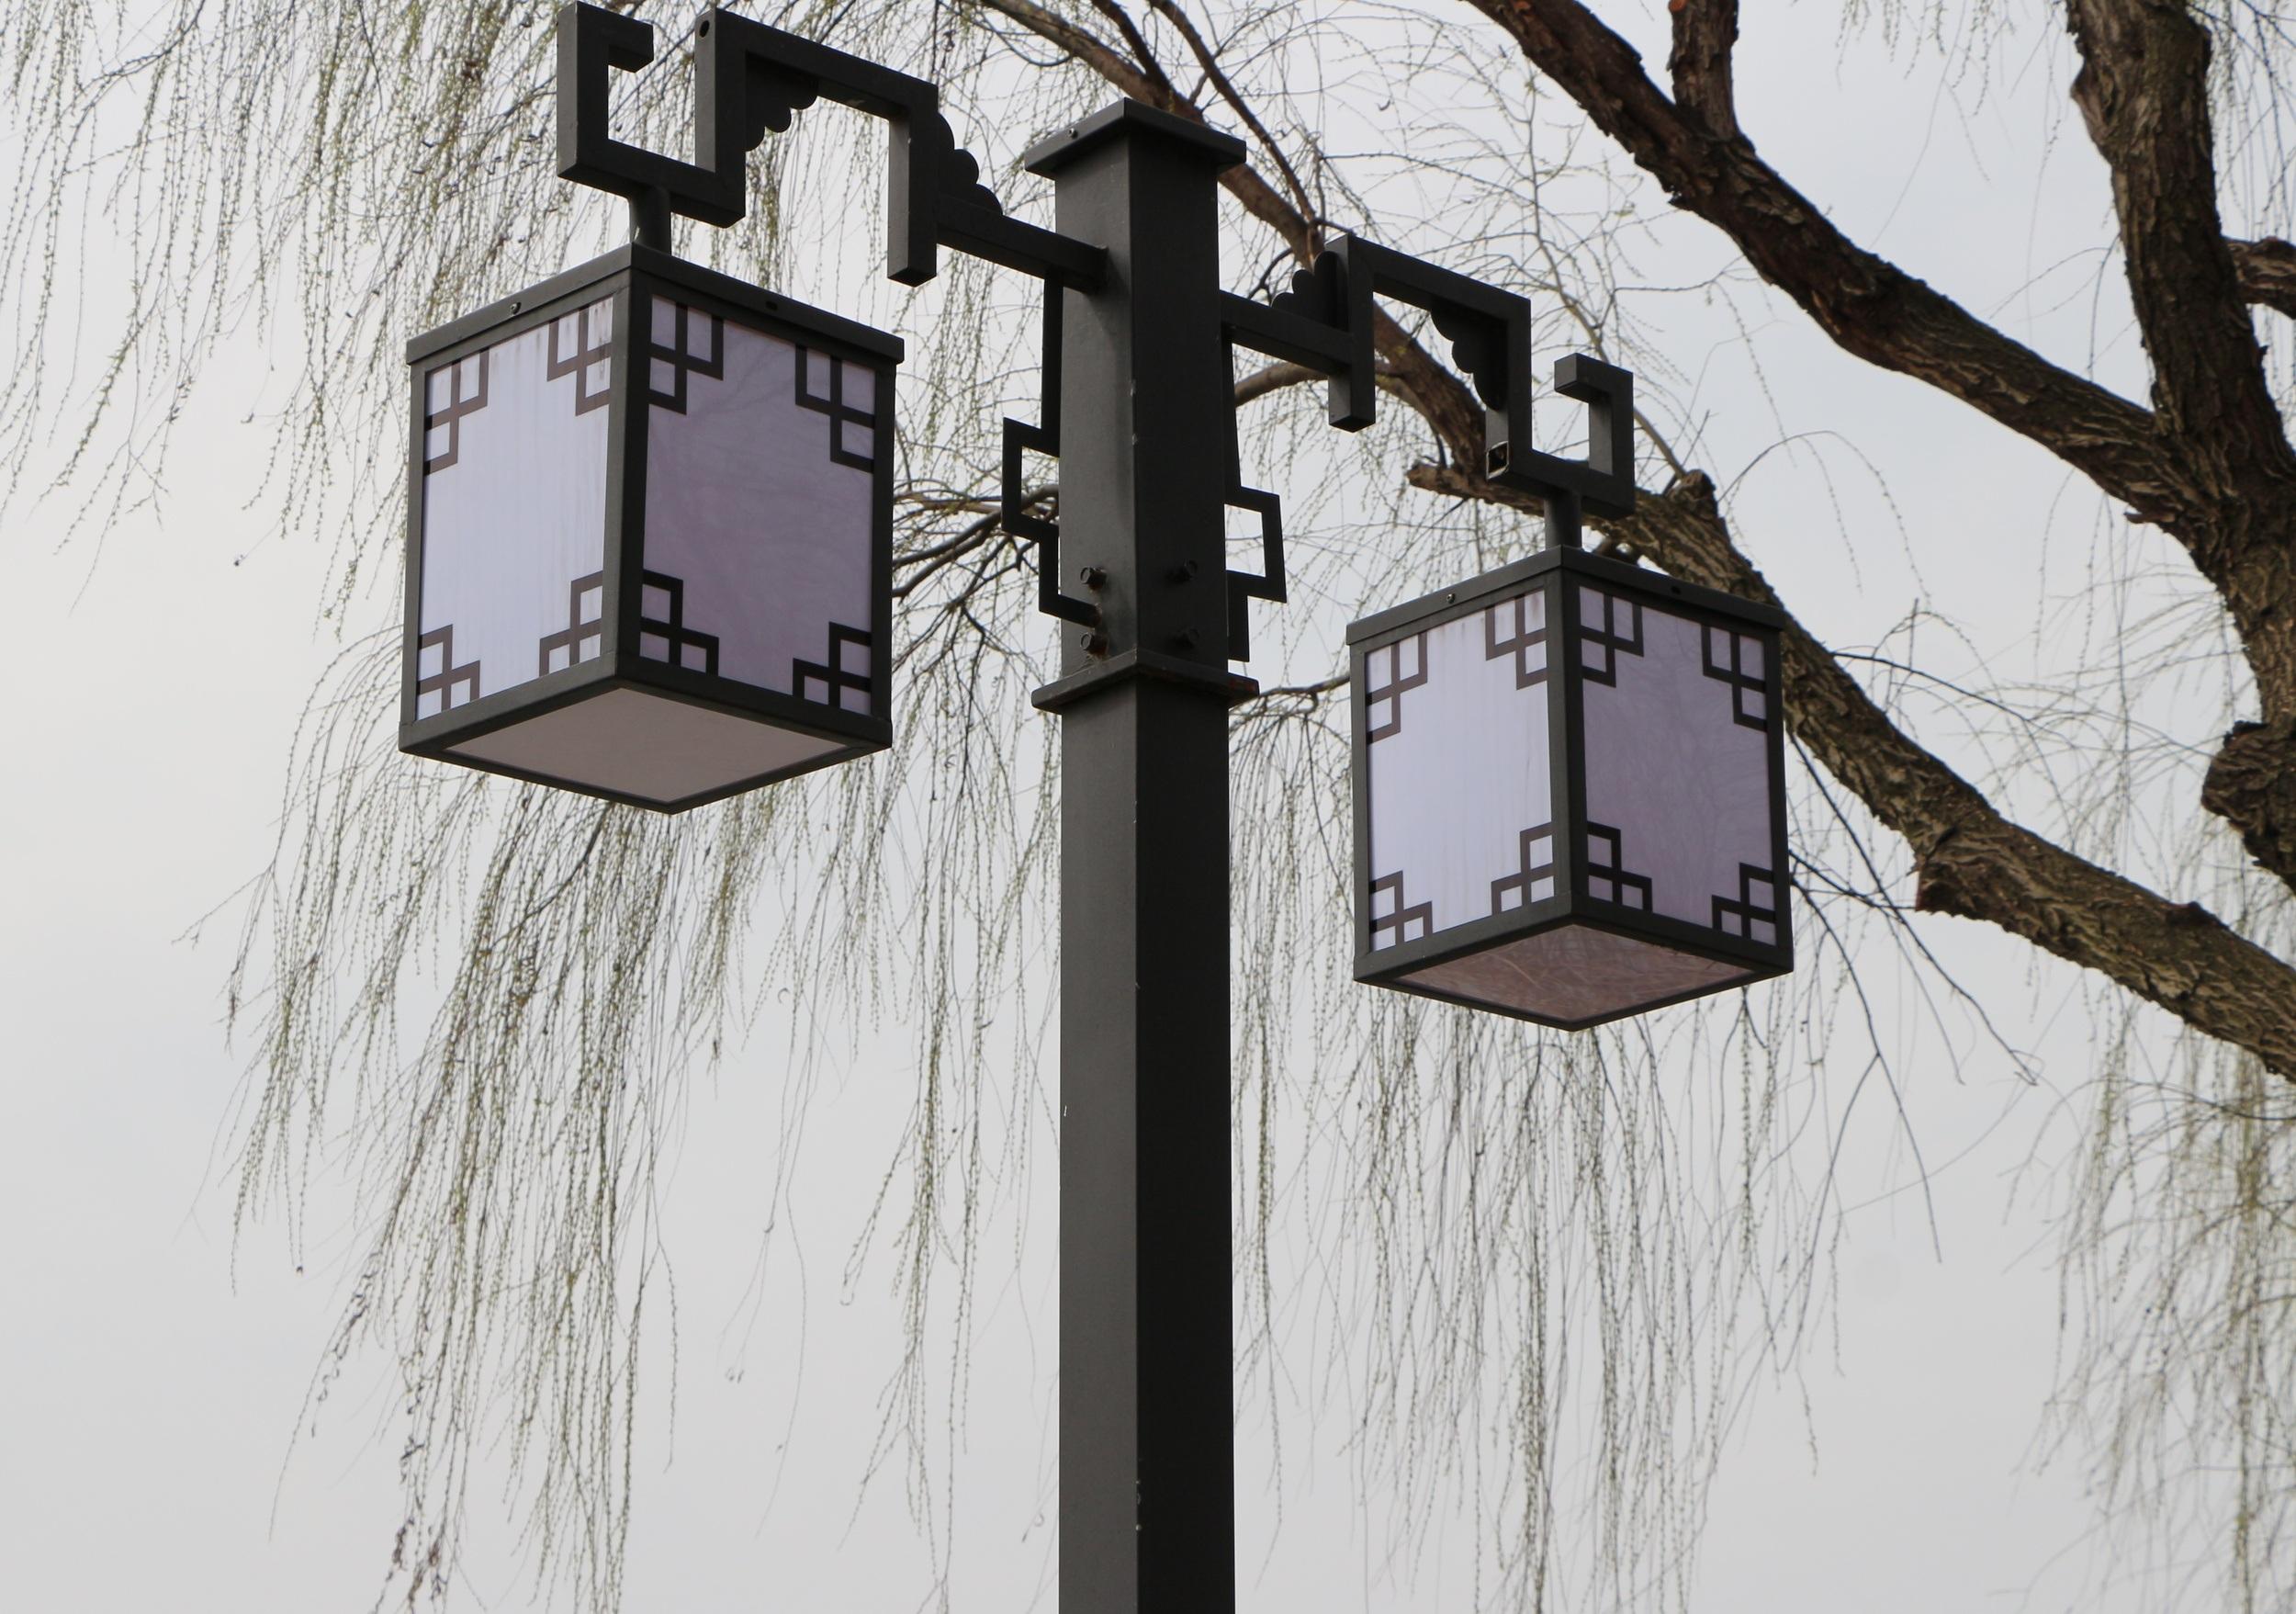 무료 이미지 : 겨울, 창문, 벽, 봄, 색깔, 조명, 가로등, 고리 ...